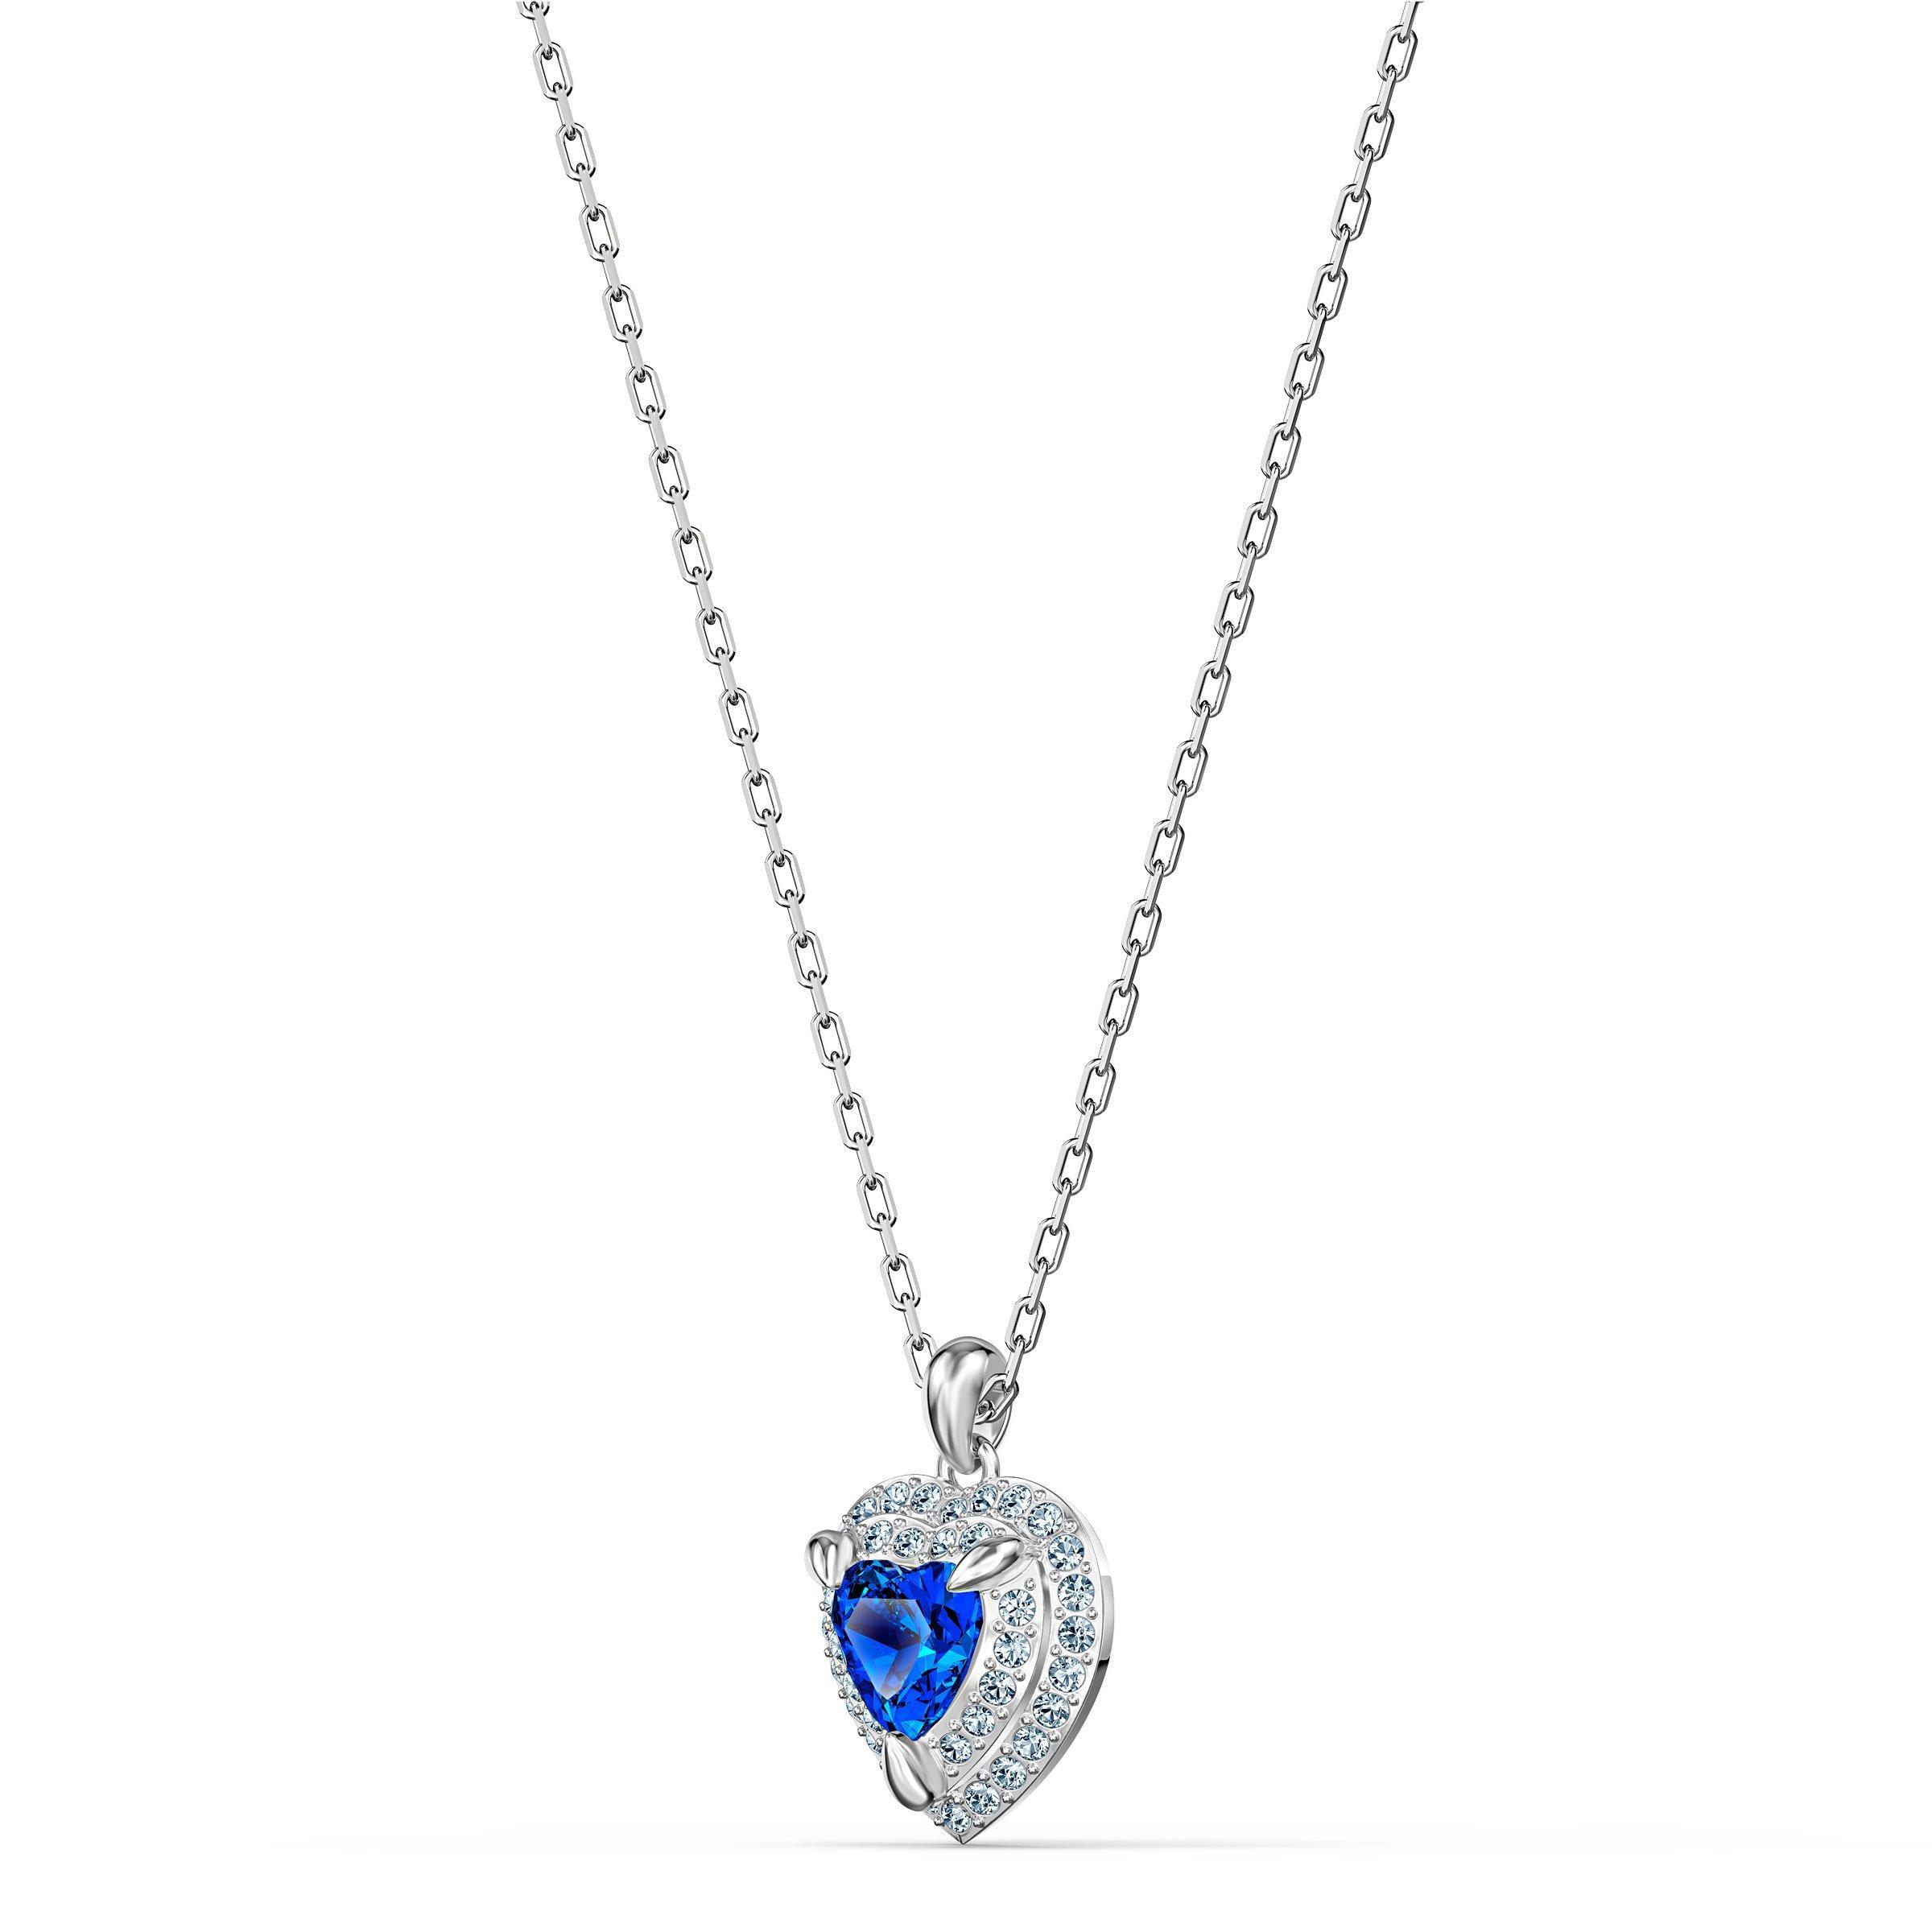 Swarovski Anniversary Heart Silver Tone Pendant